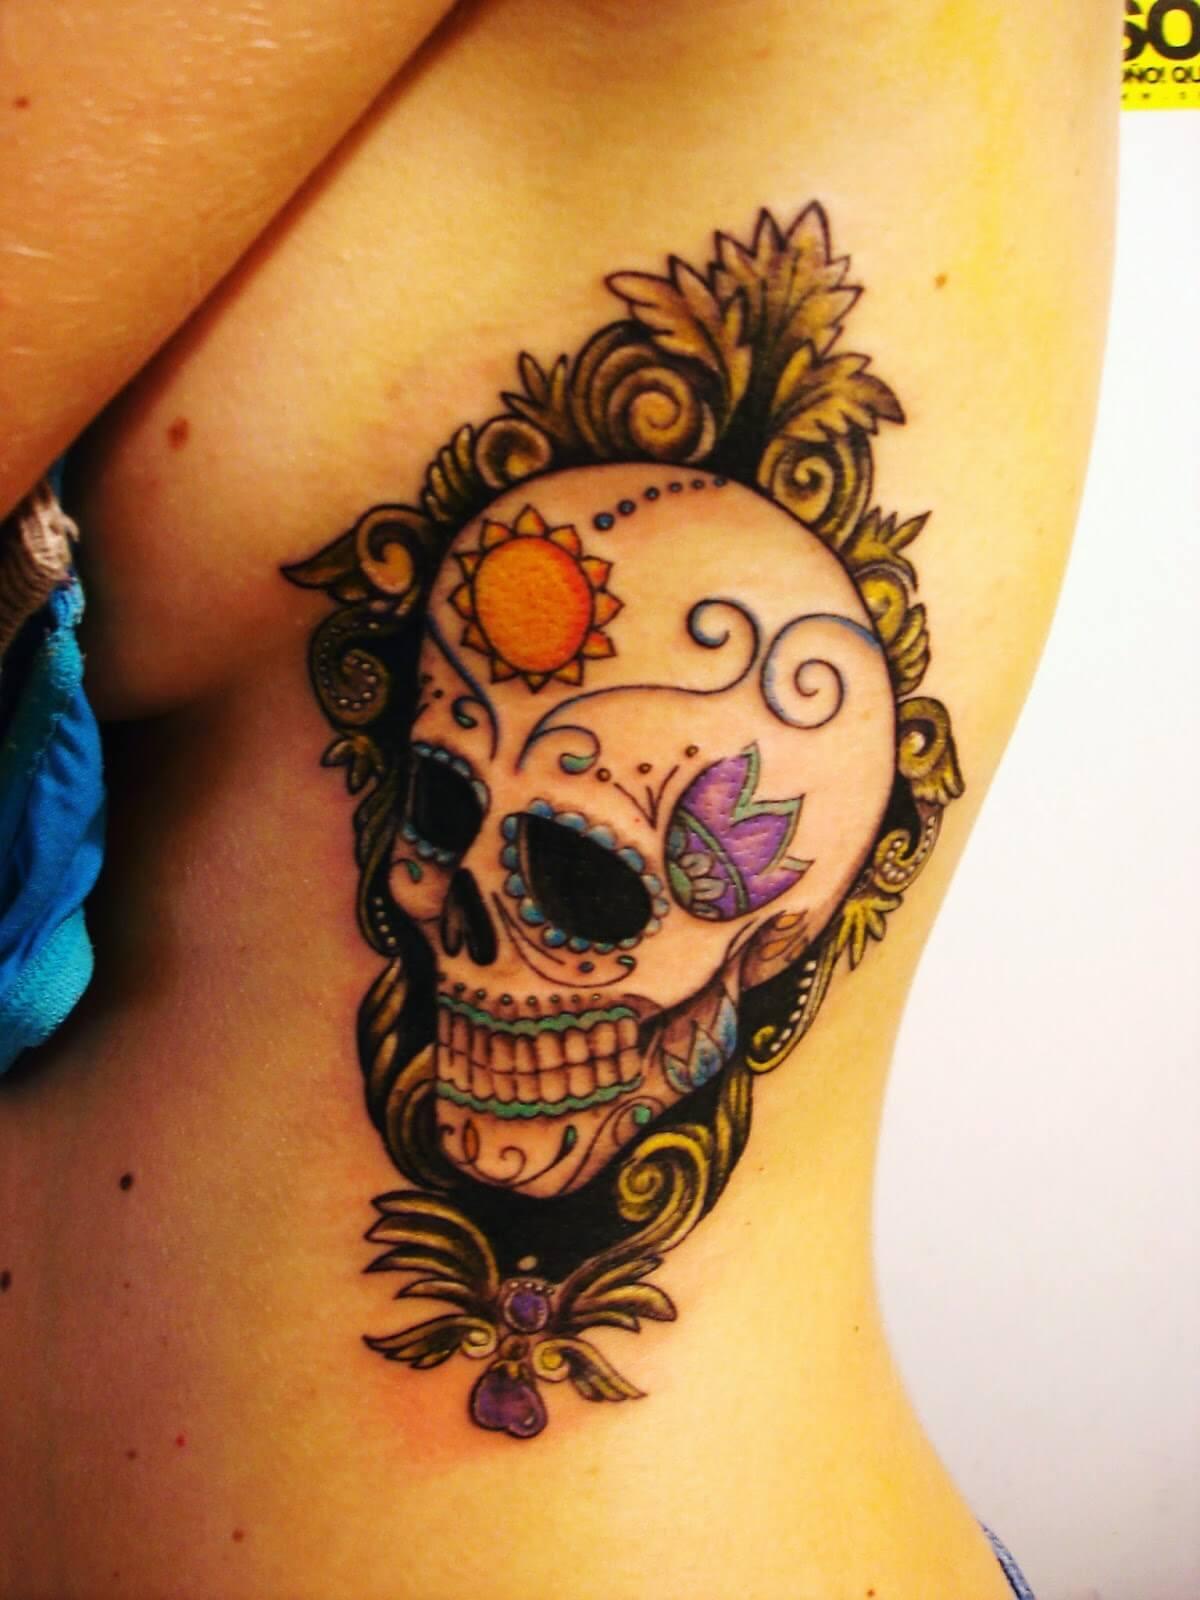 Tatuaggio con calavera sotto al seno